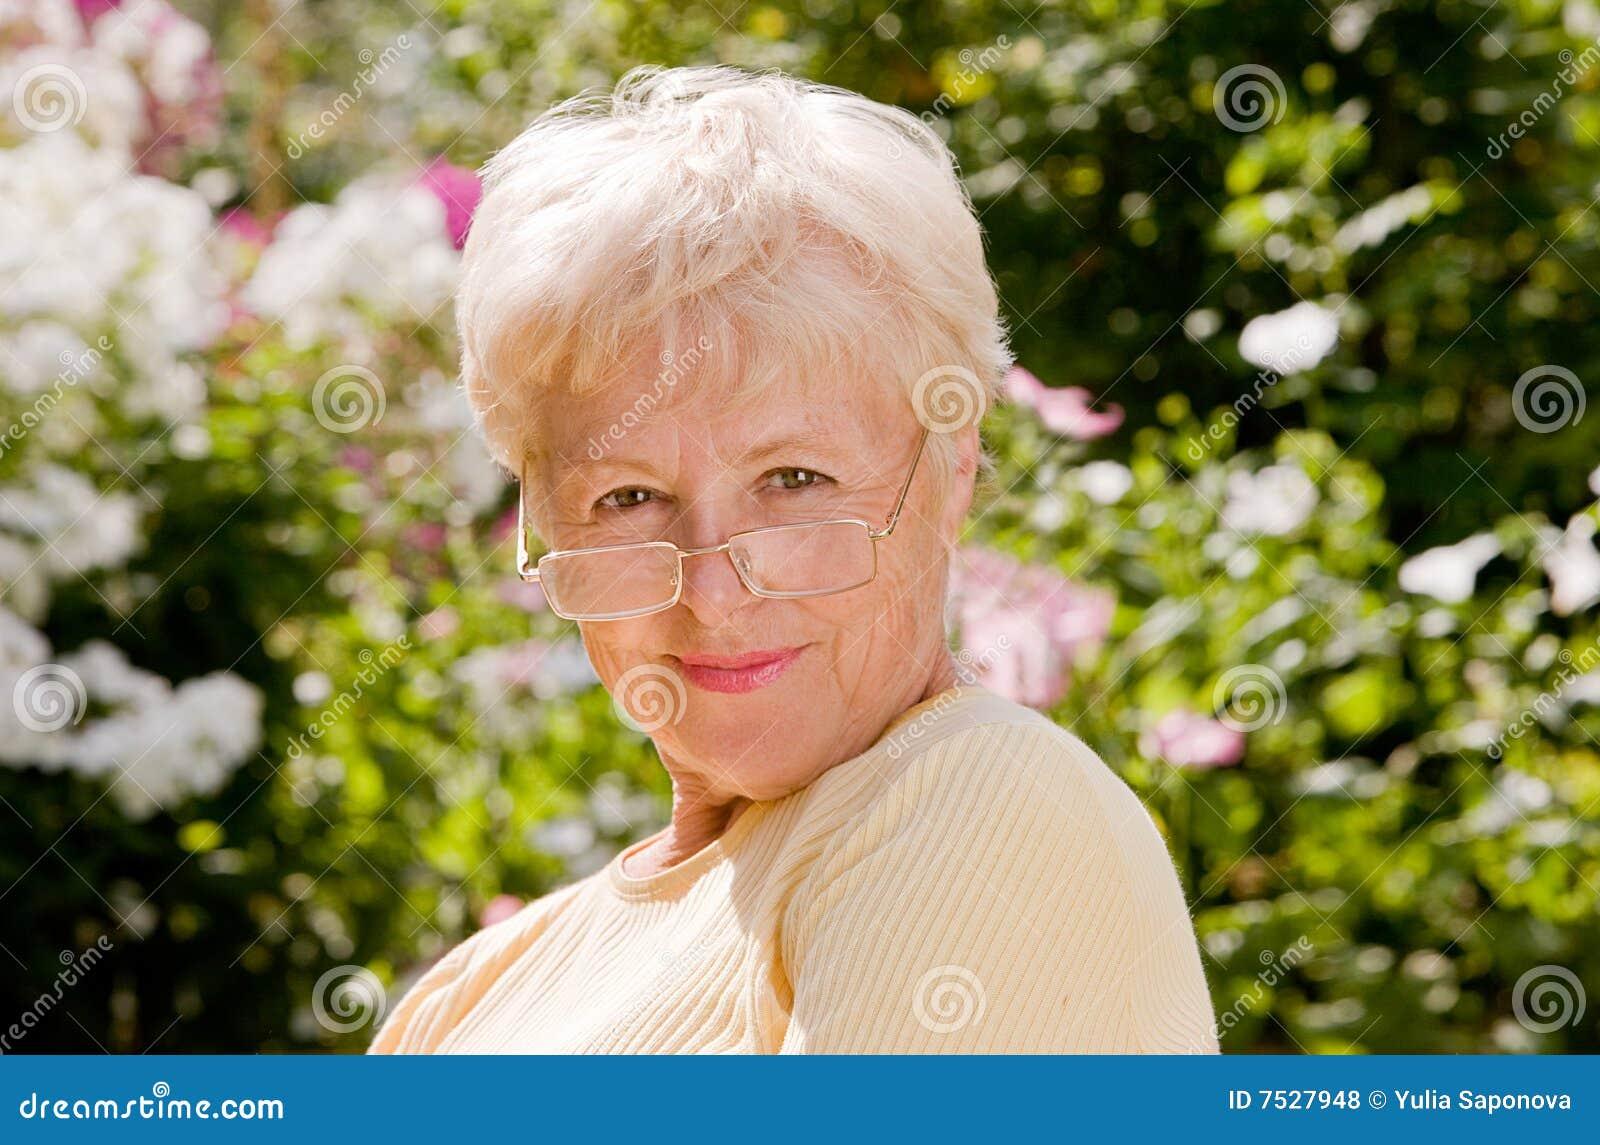 Бабушки частное фото